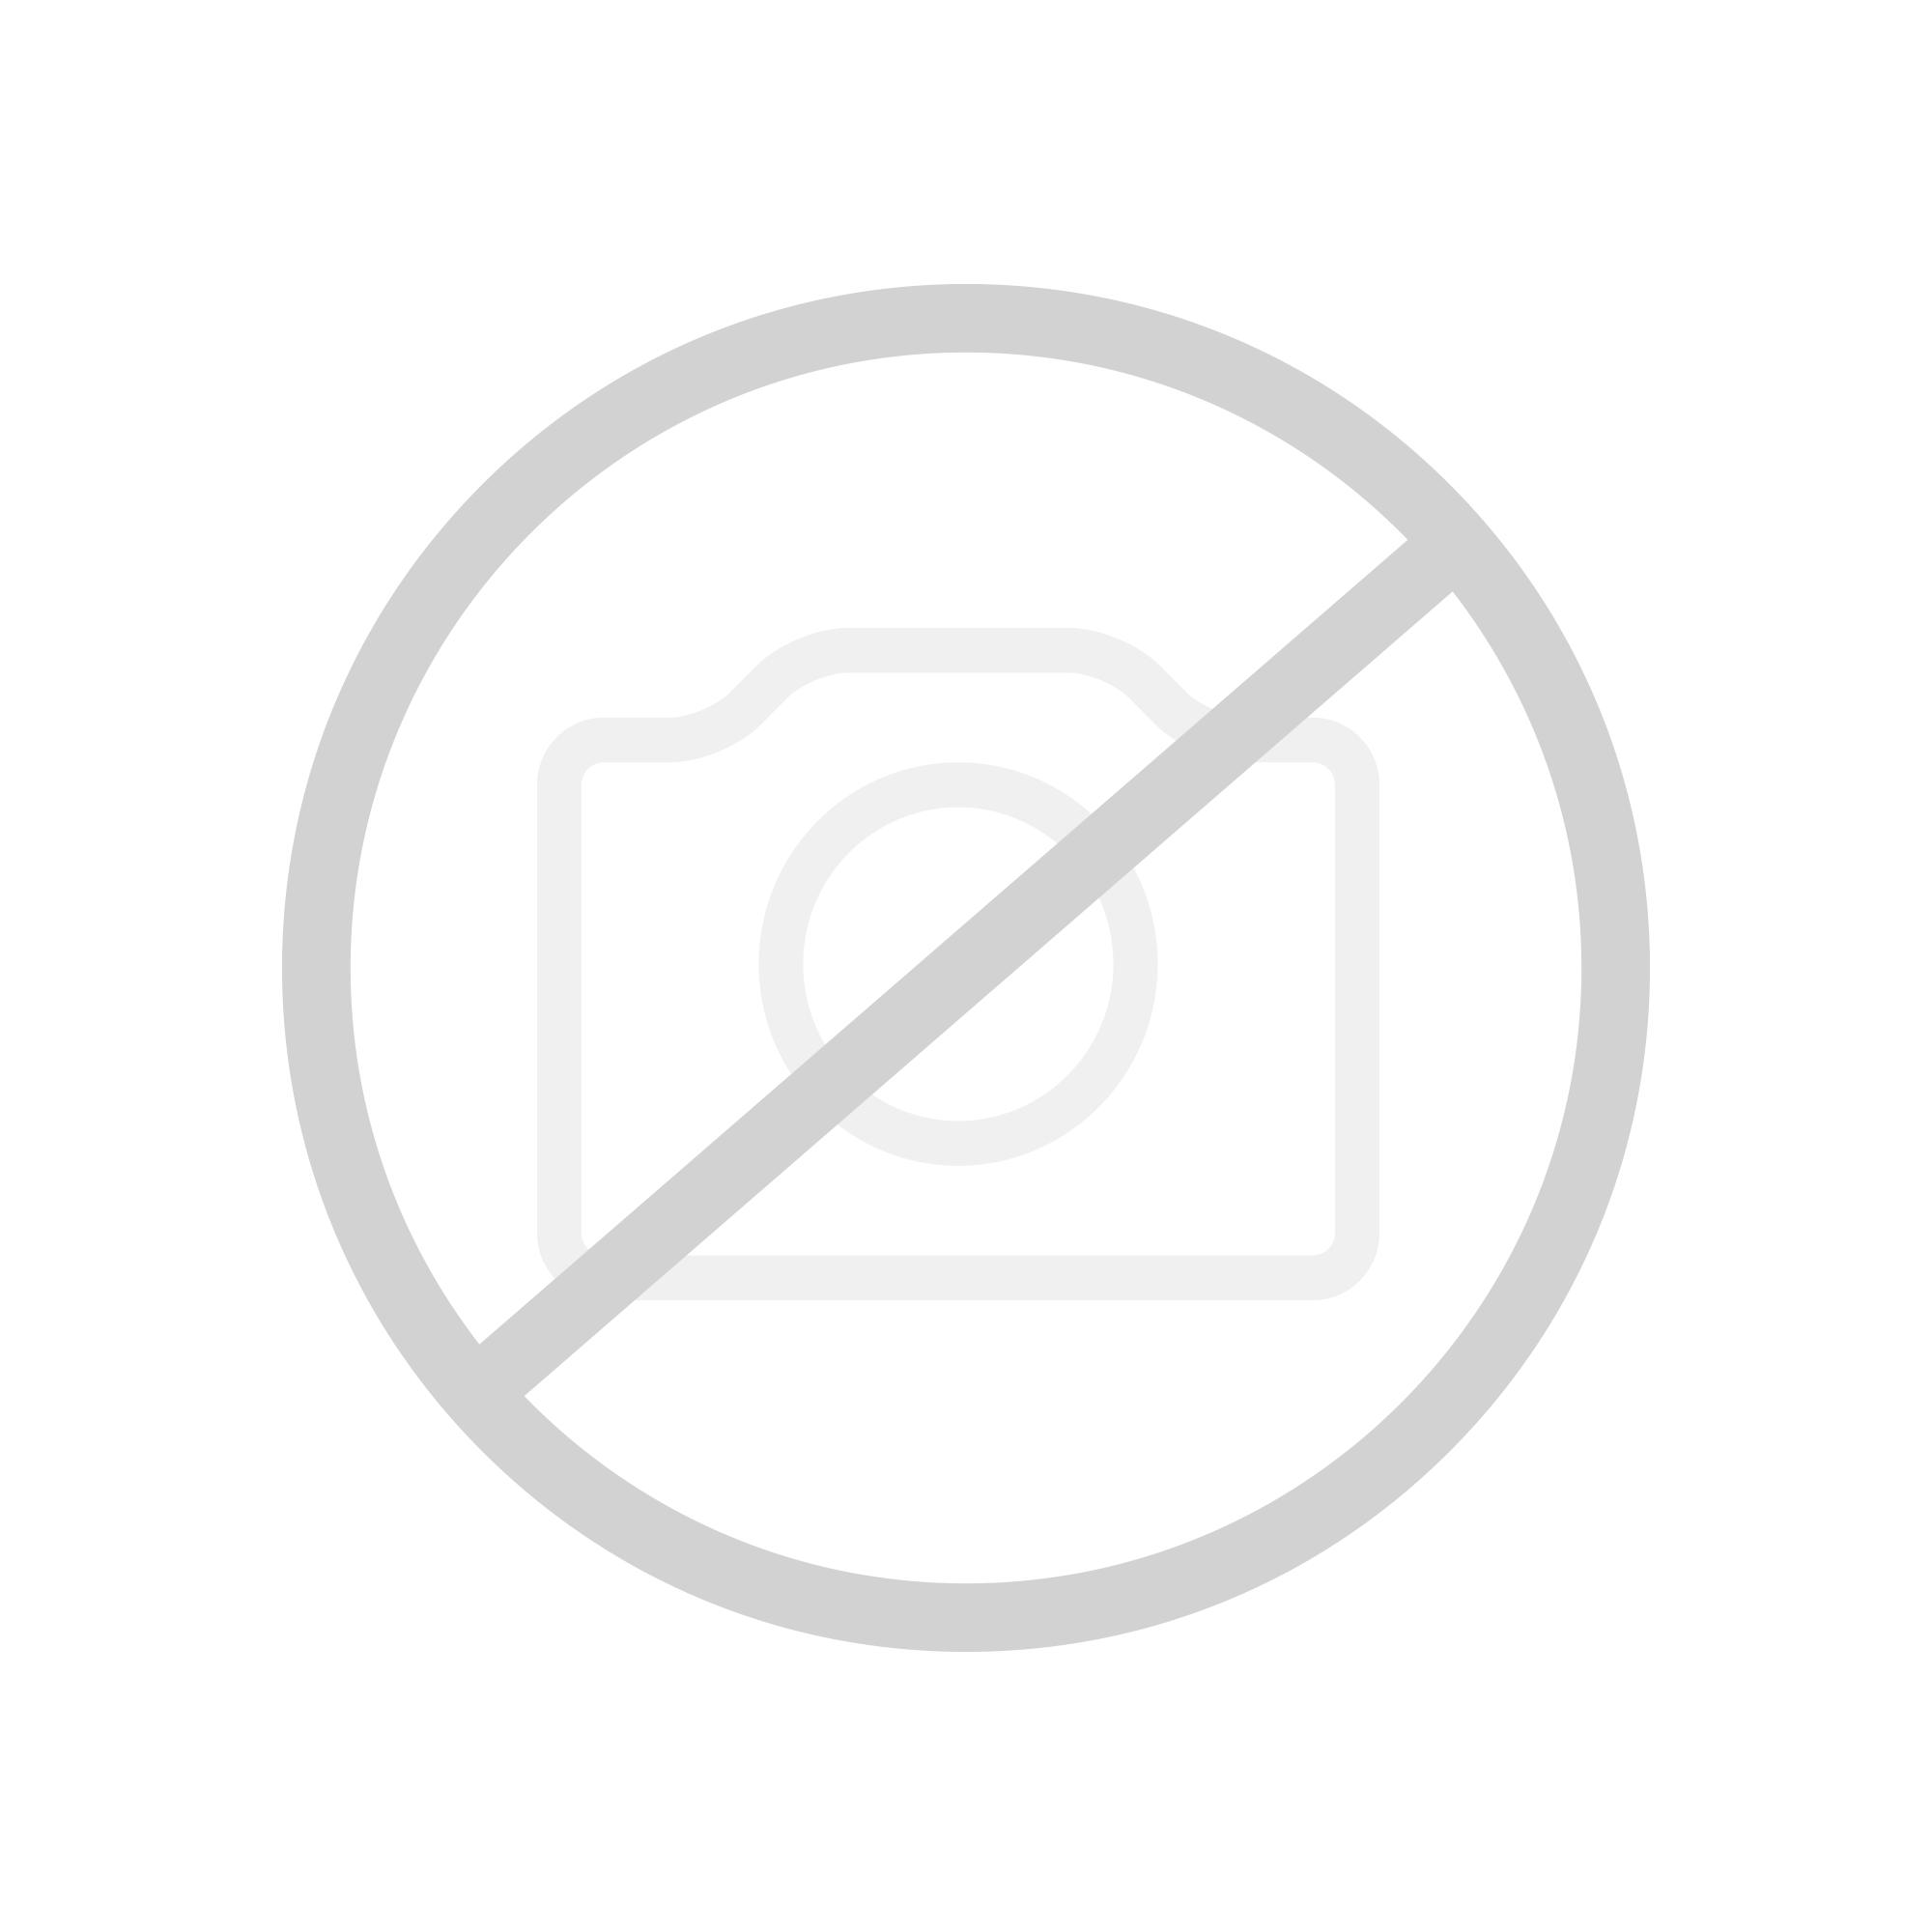 Burgbad Eqio Spiegel mit horizontaler LED-Aufsatzleuchte marone trüffel dekor